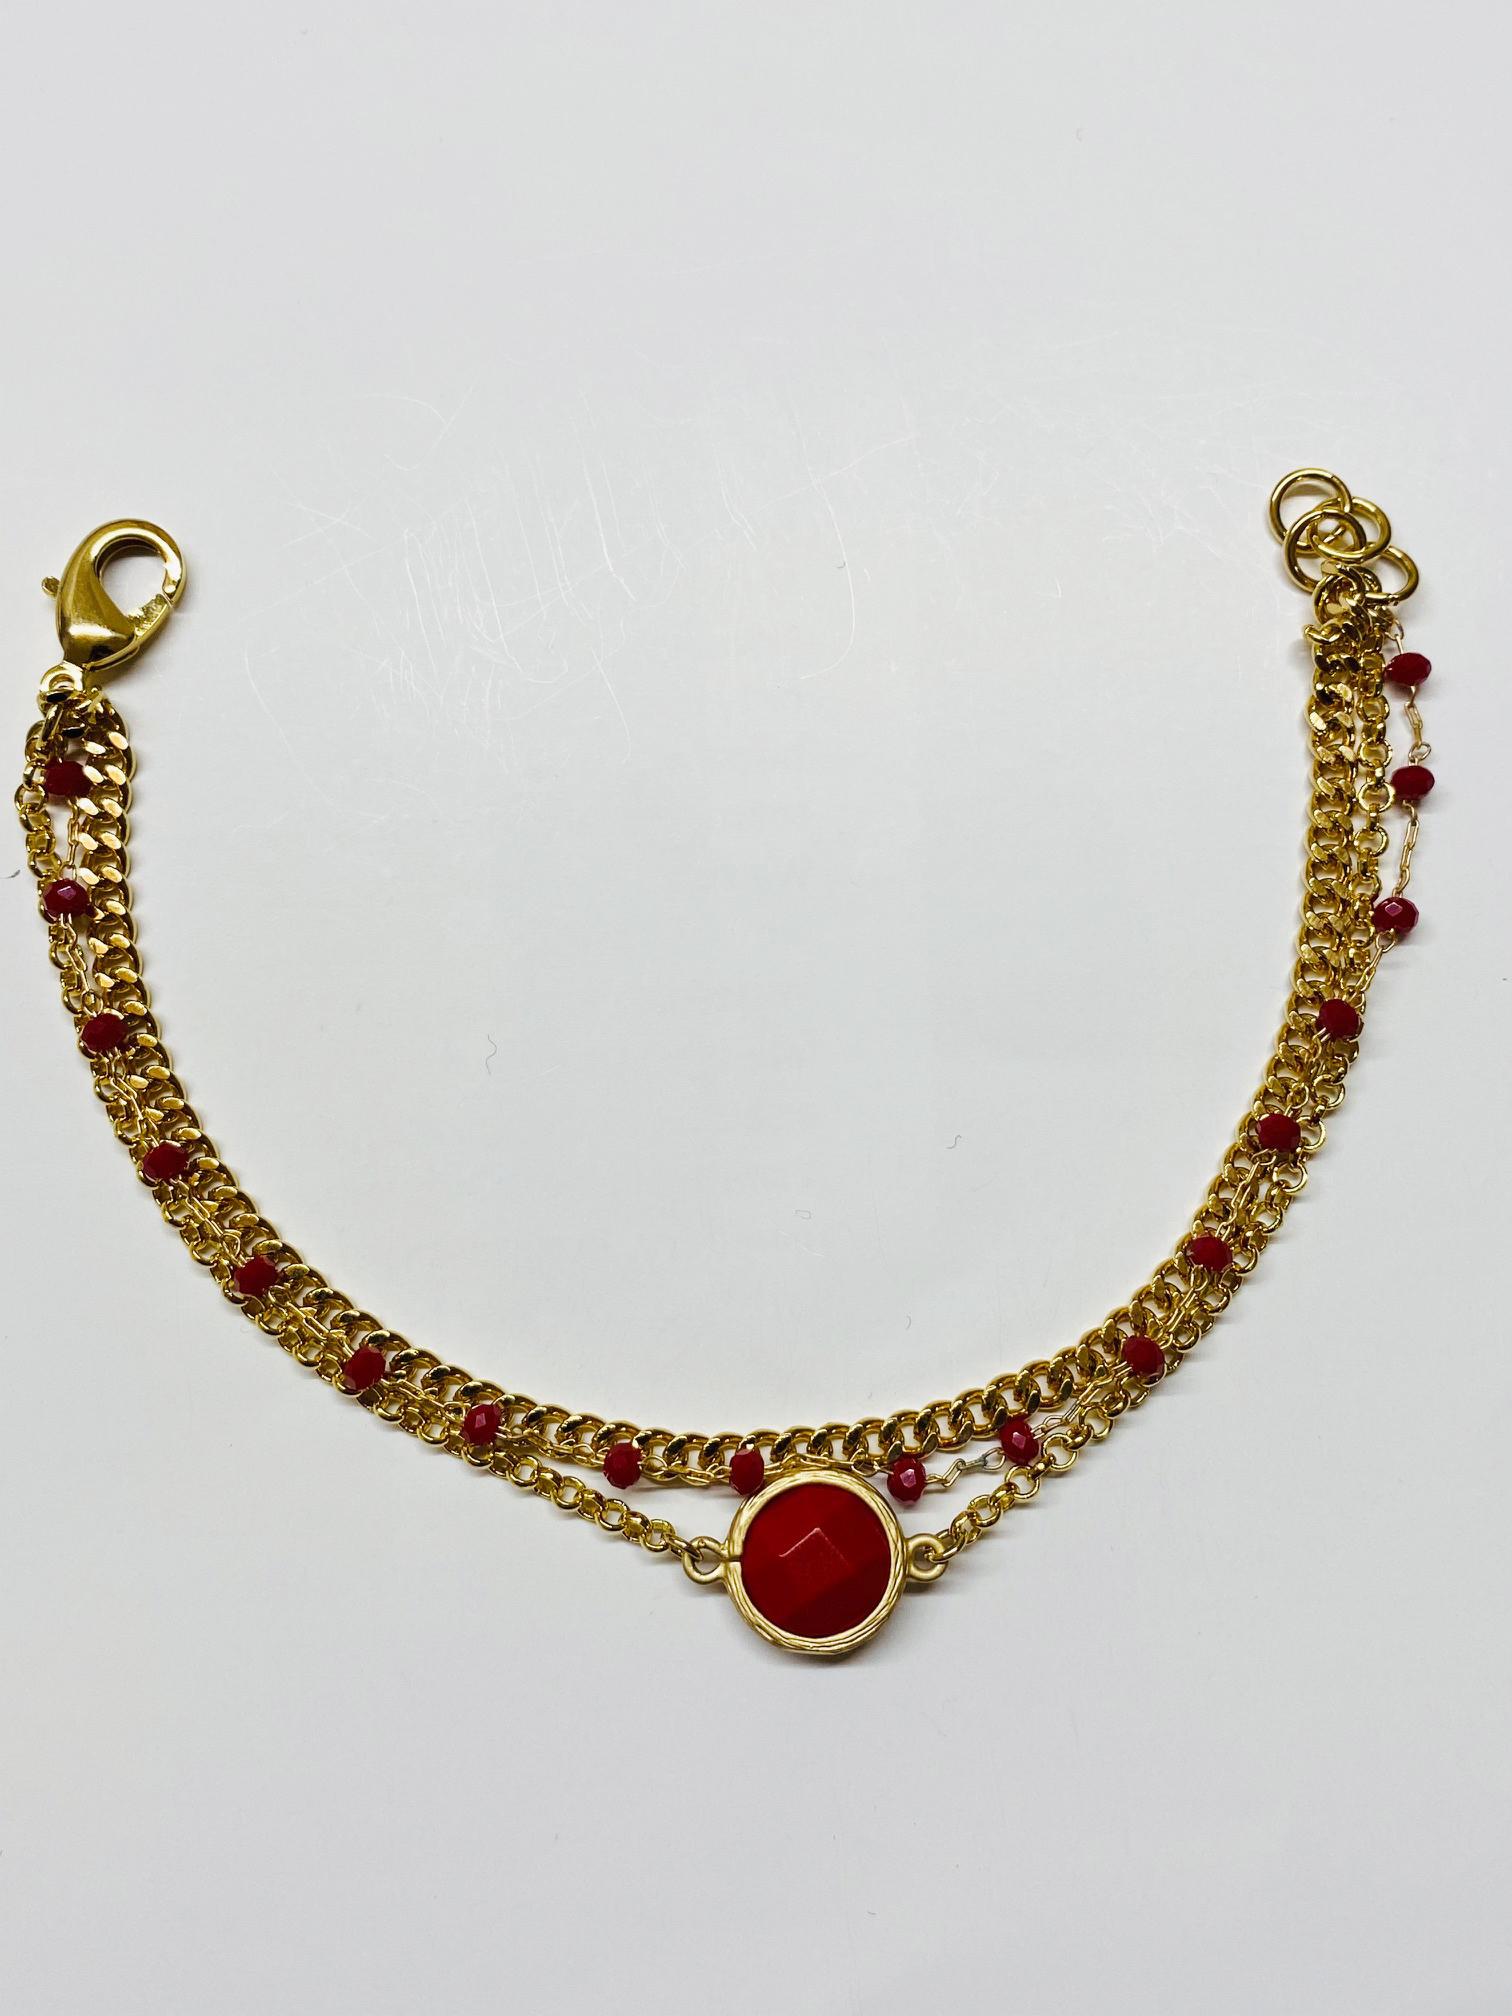 Bracciale in ottone galvanizzato , microcristalli rossi e pietra rossa